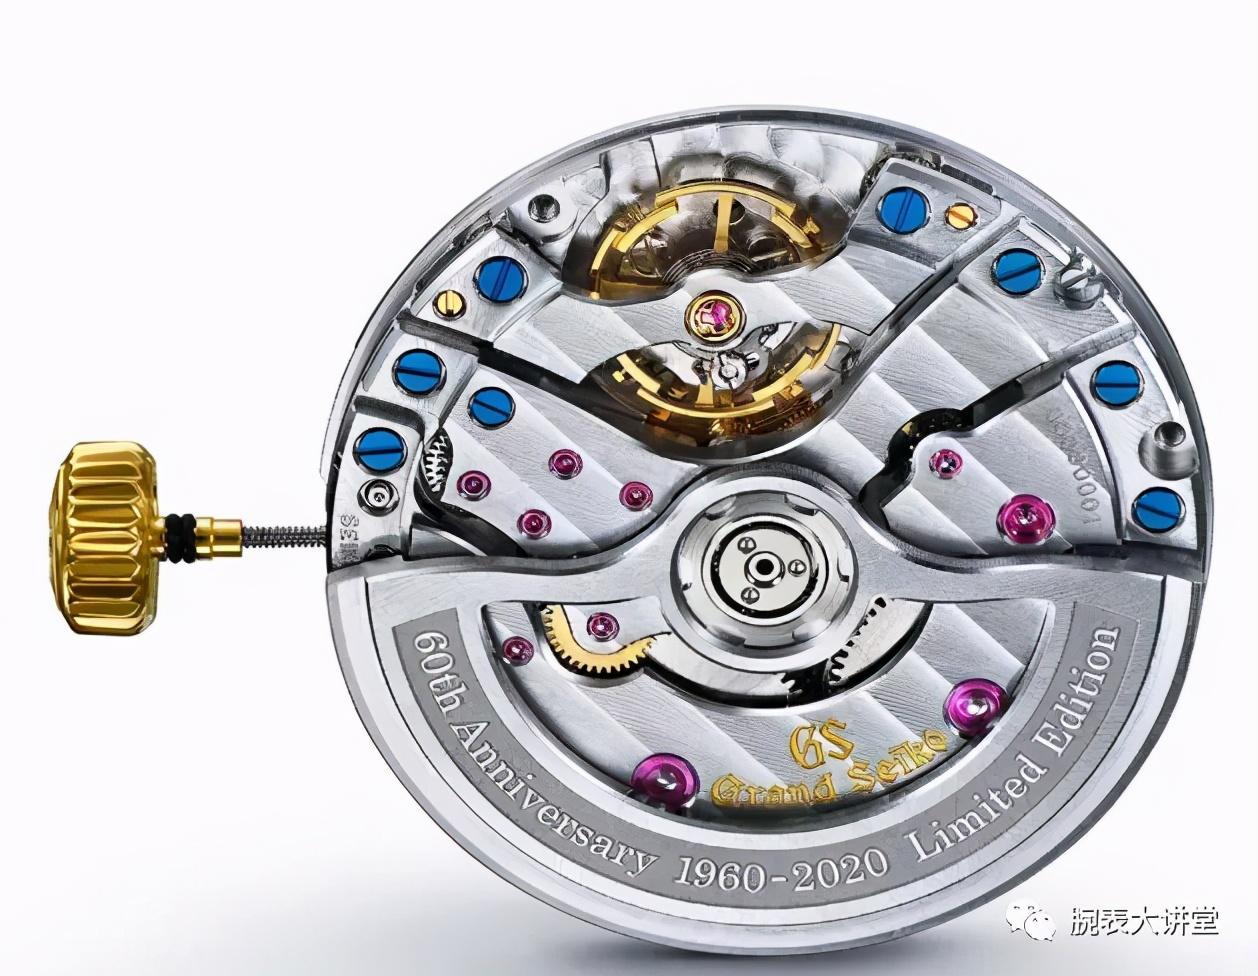 腕表大讲堂:买手表保值率不重要,但是品牌真的很重要